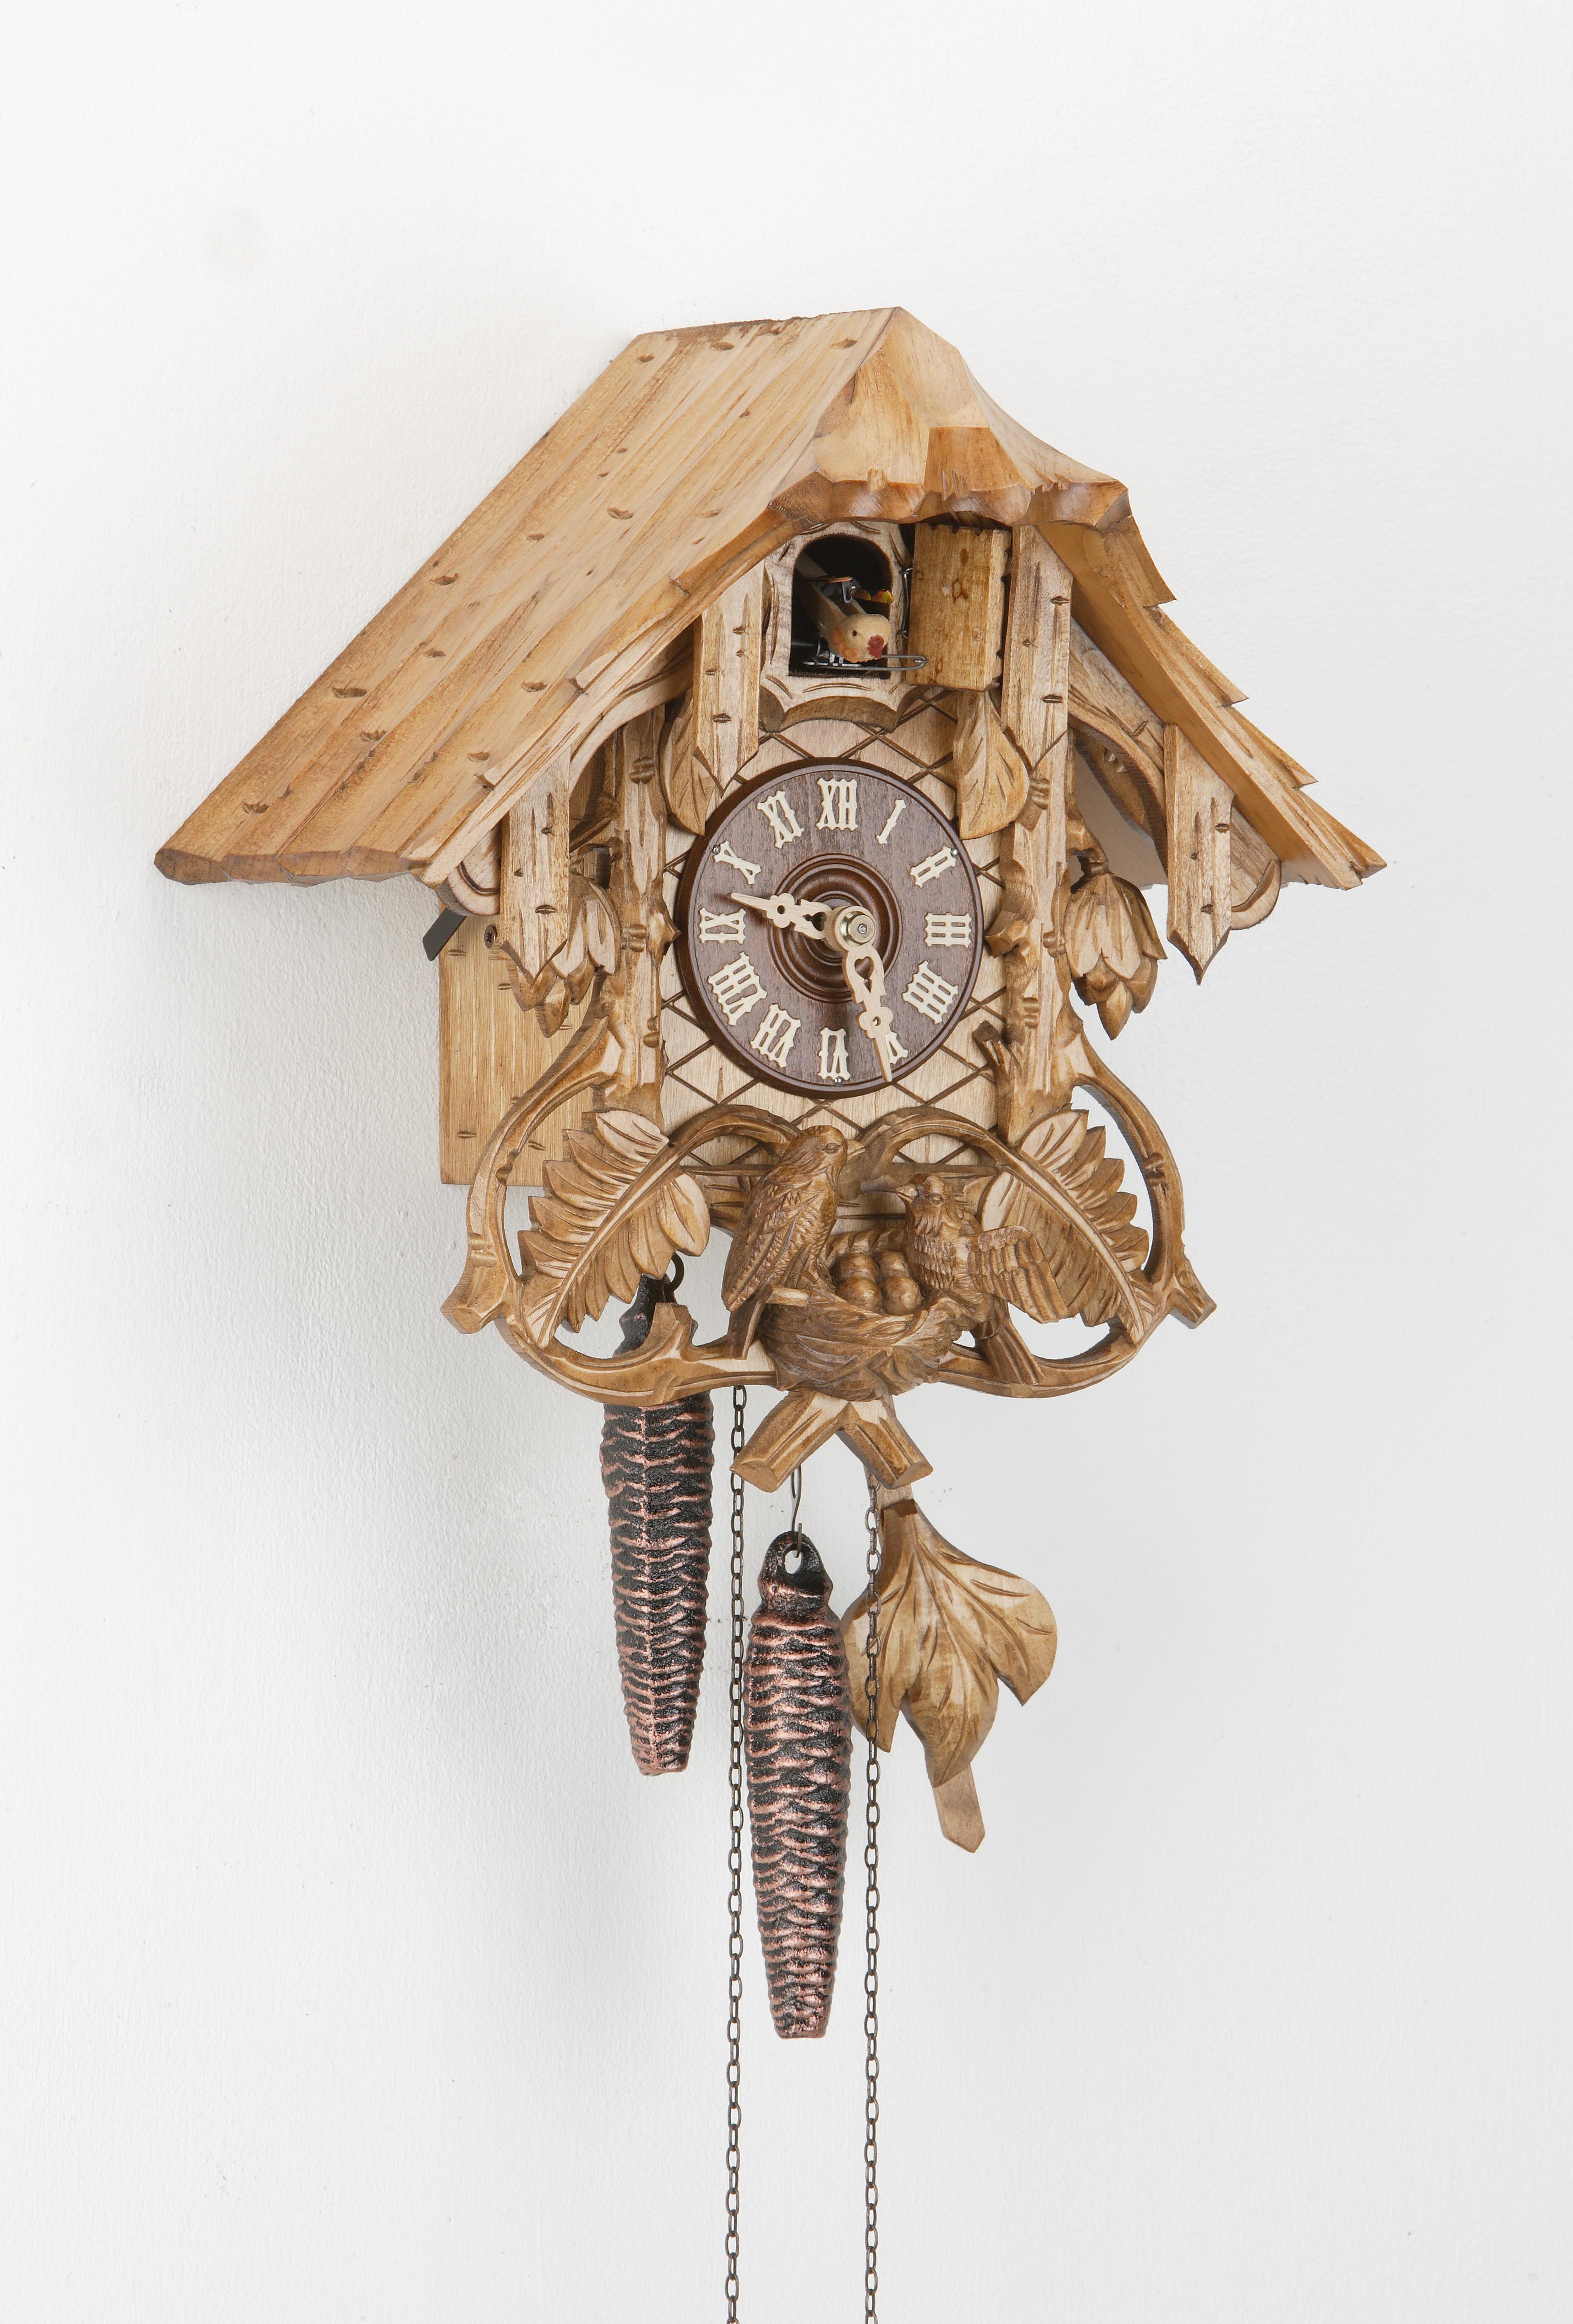 1 Tag Kuckucksuhr Schwarzwaldhaus mit Farnlaub und Vogelfamilie